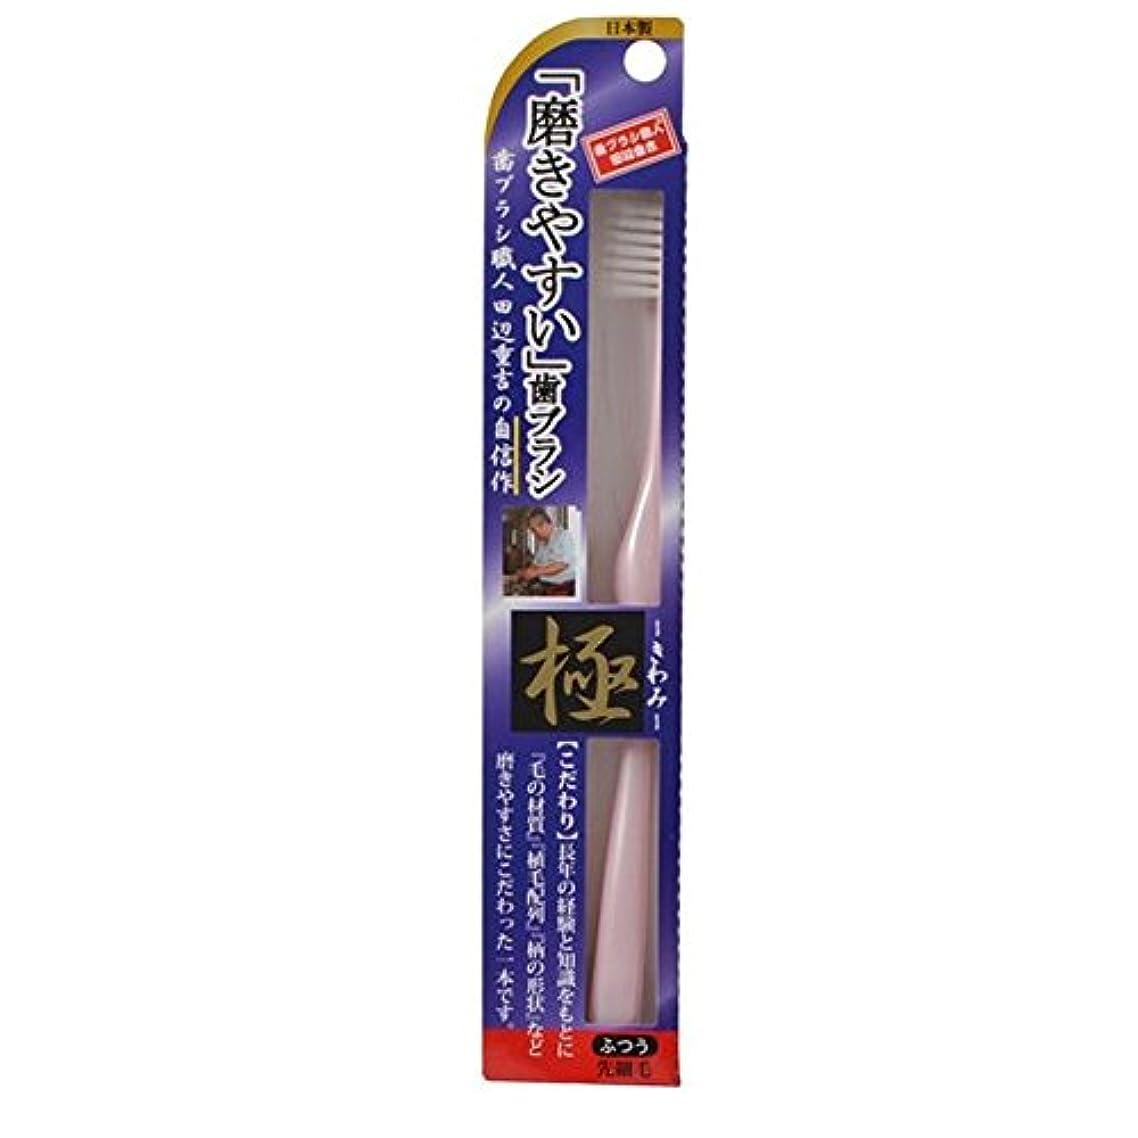 薄めるテメリティ不正磨きやすい歯ブラシ極 LT-22